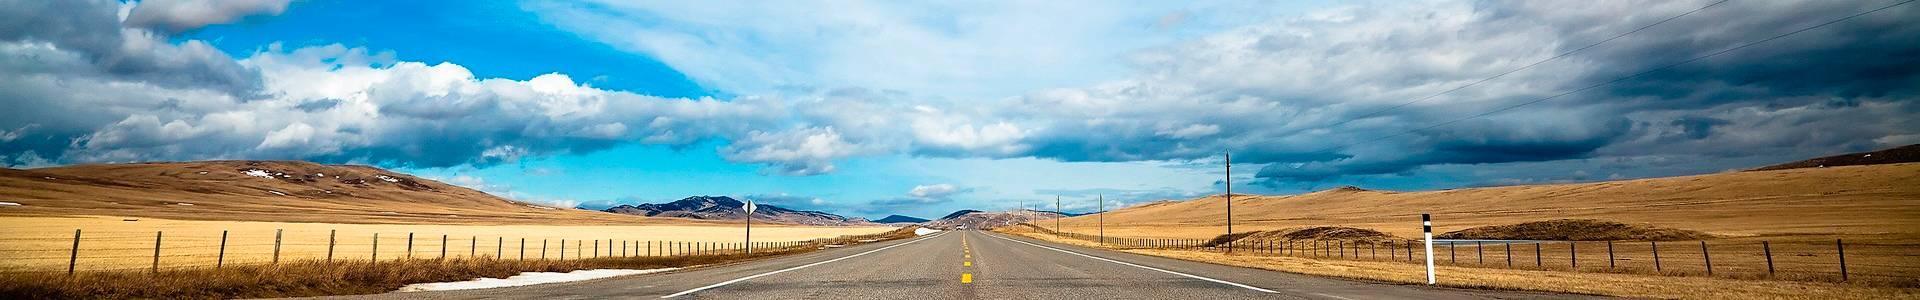 carreteras-y-pistas